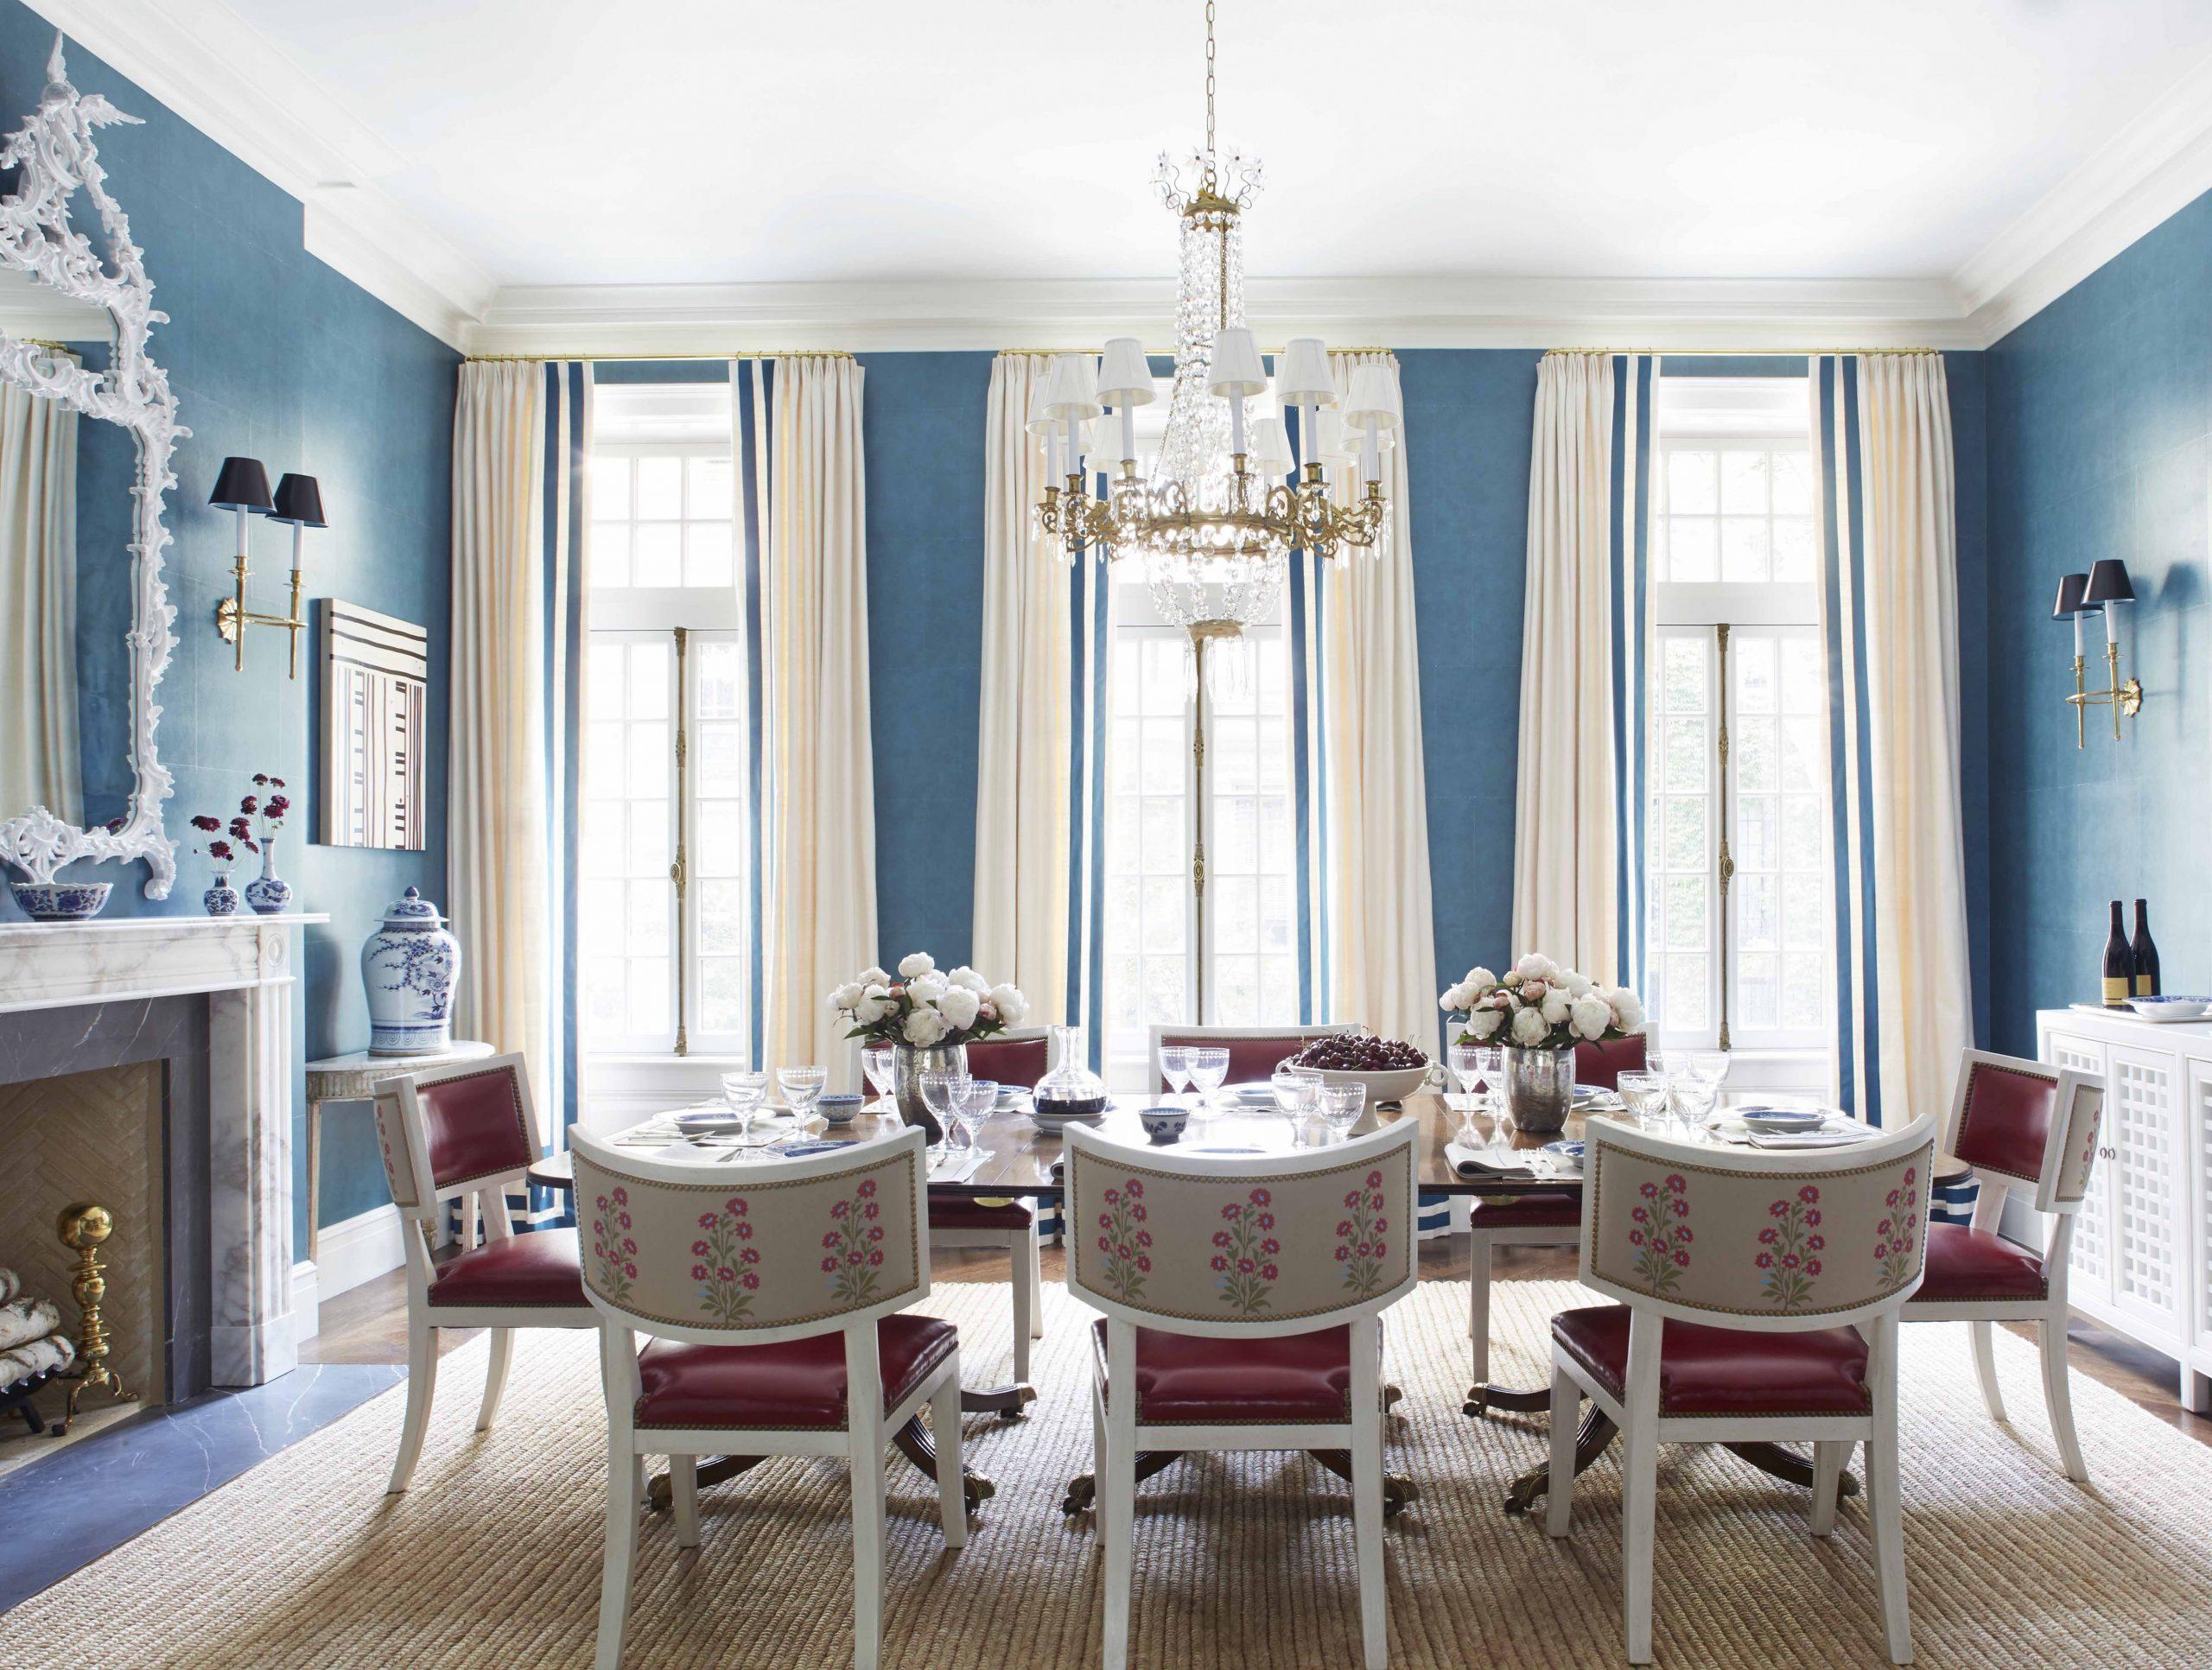 12+ Best Dining Room Ideas – Designer Dining Rooms & Decor - Dining Room Drapery Ideas